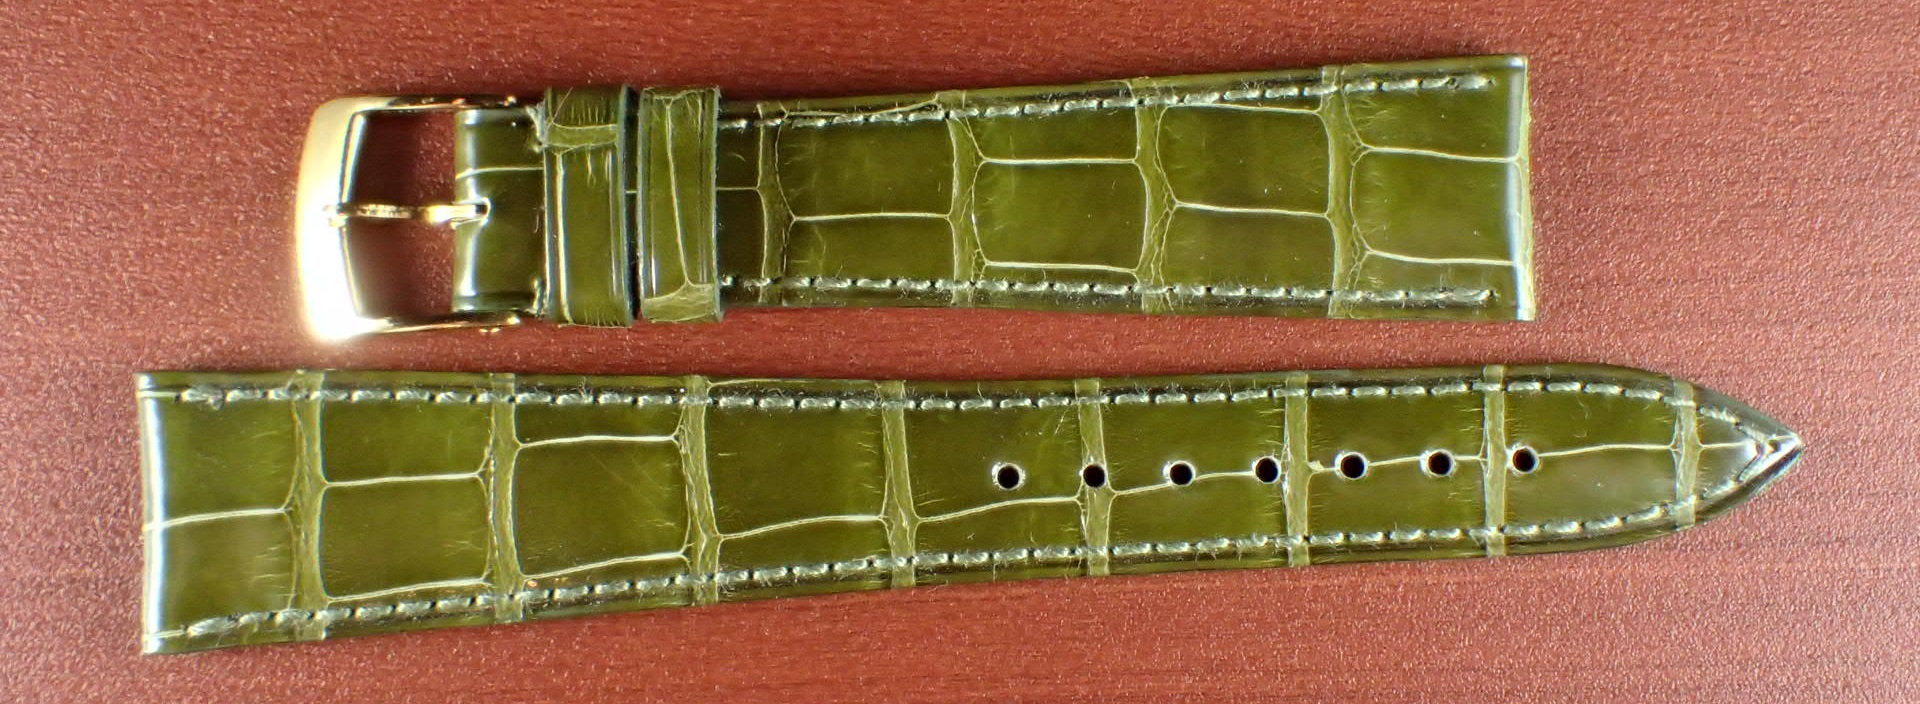 ジャン・クロード ペラン革ベルト(オールドペラン)クロコダイル ライトグリーン 19mm